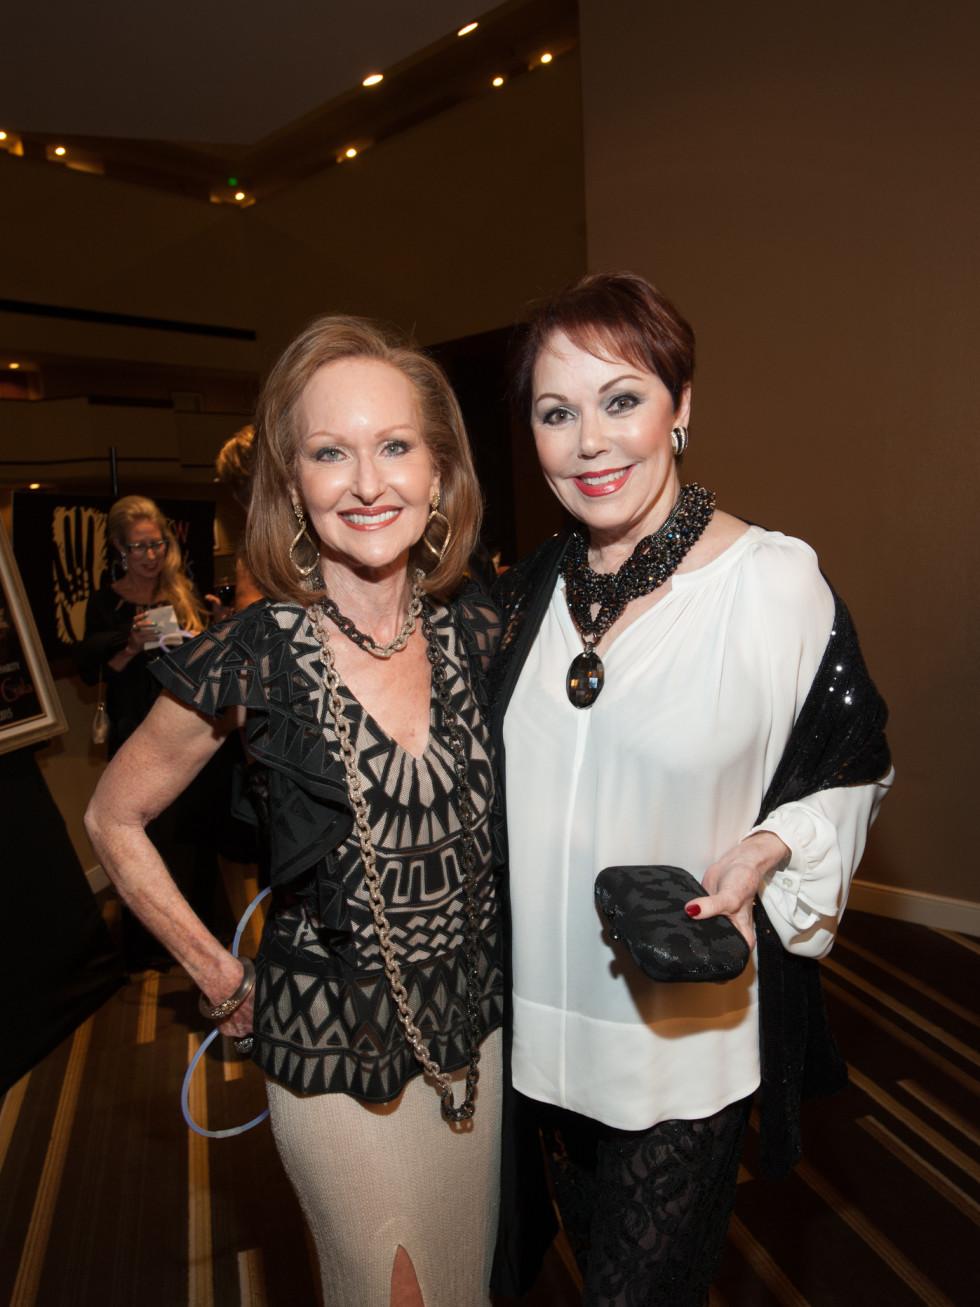 News, Shelby, Houston Children's Charity gala, NOv. 2015, Carol Sawyer, Chris Kase